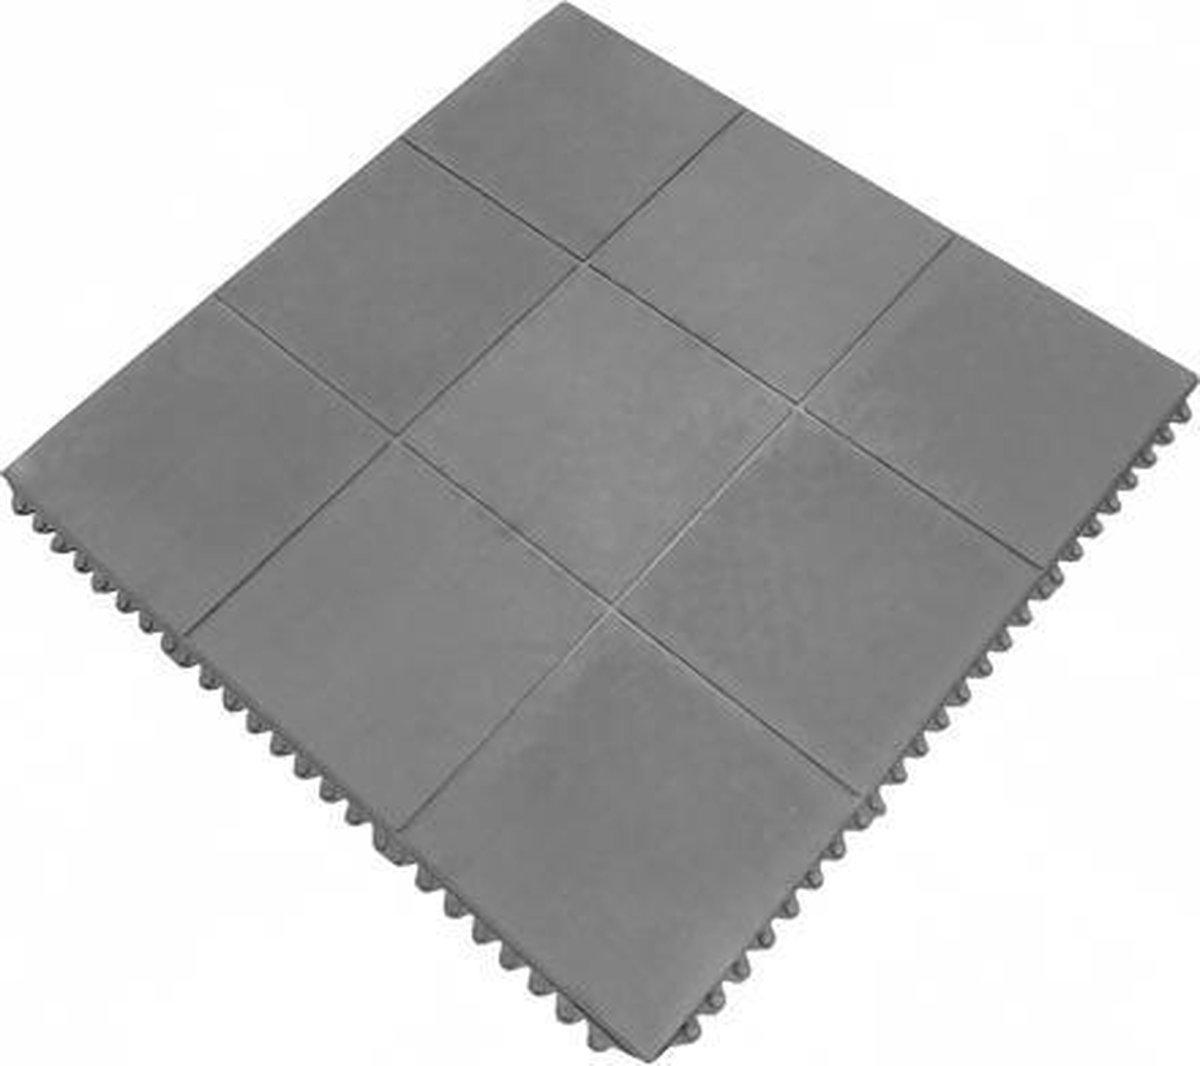 Rubber tegel 90 x 90 cm - Kliksysteem